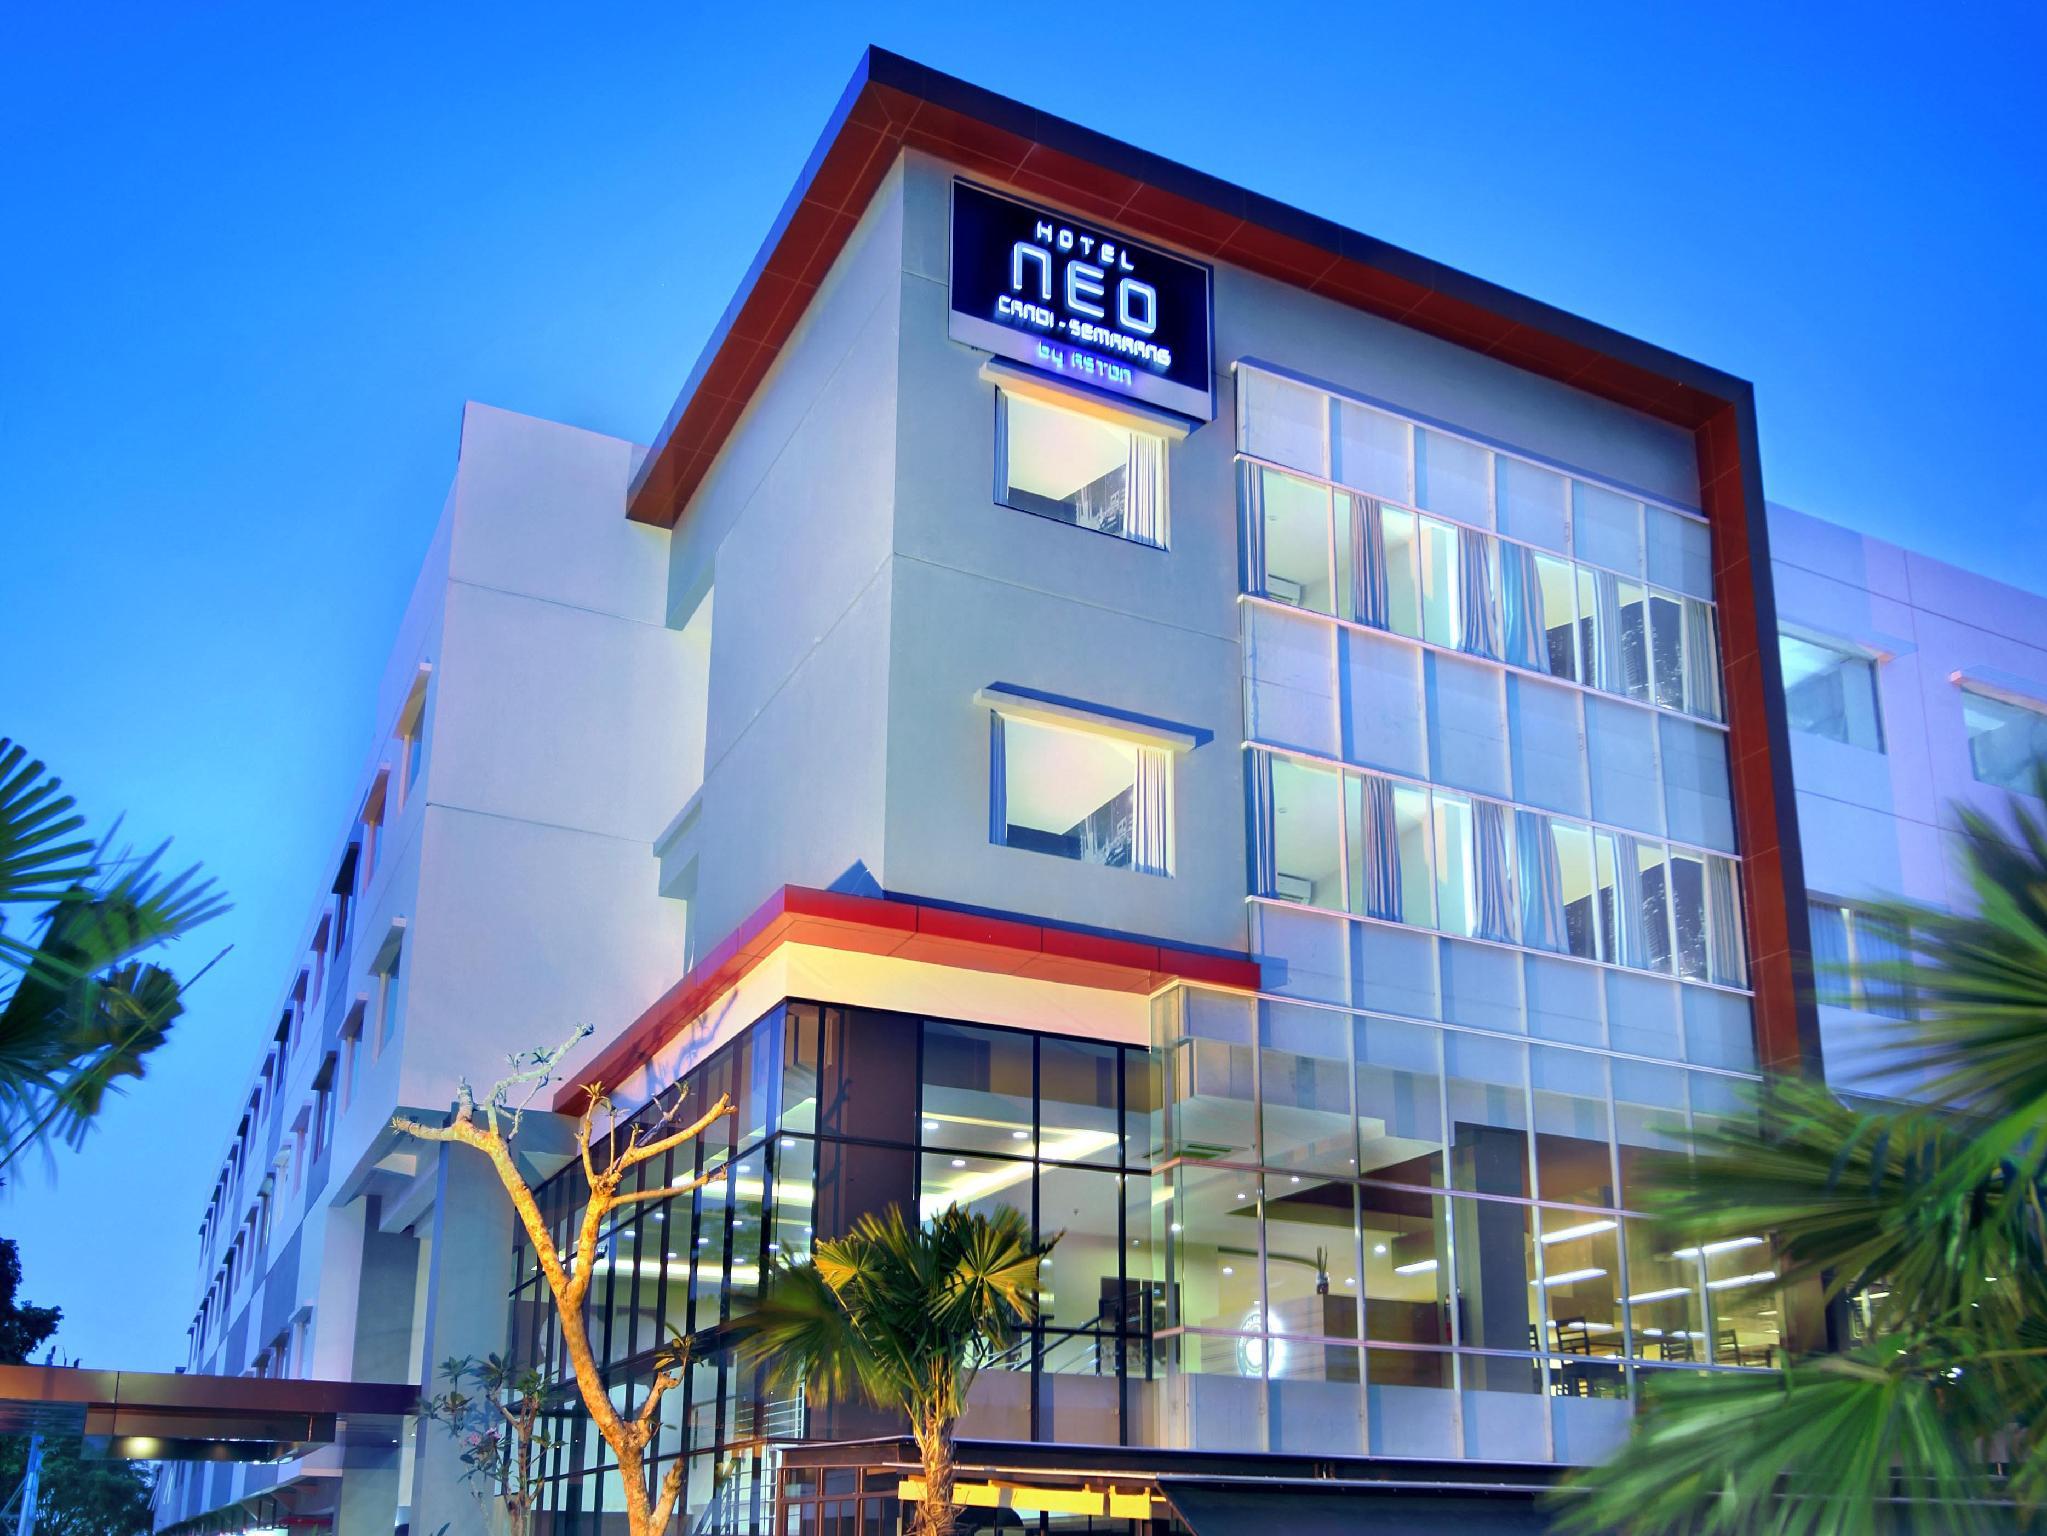 Hotel Dekat Rs Kariadi Semarang Harga Promo Mulai Rp 100rb Tips Wisata Murah Home